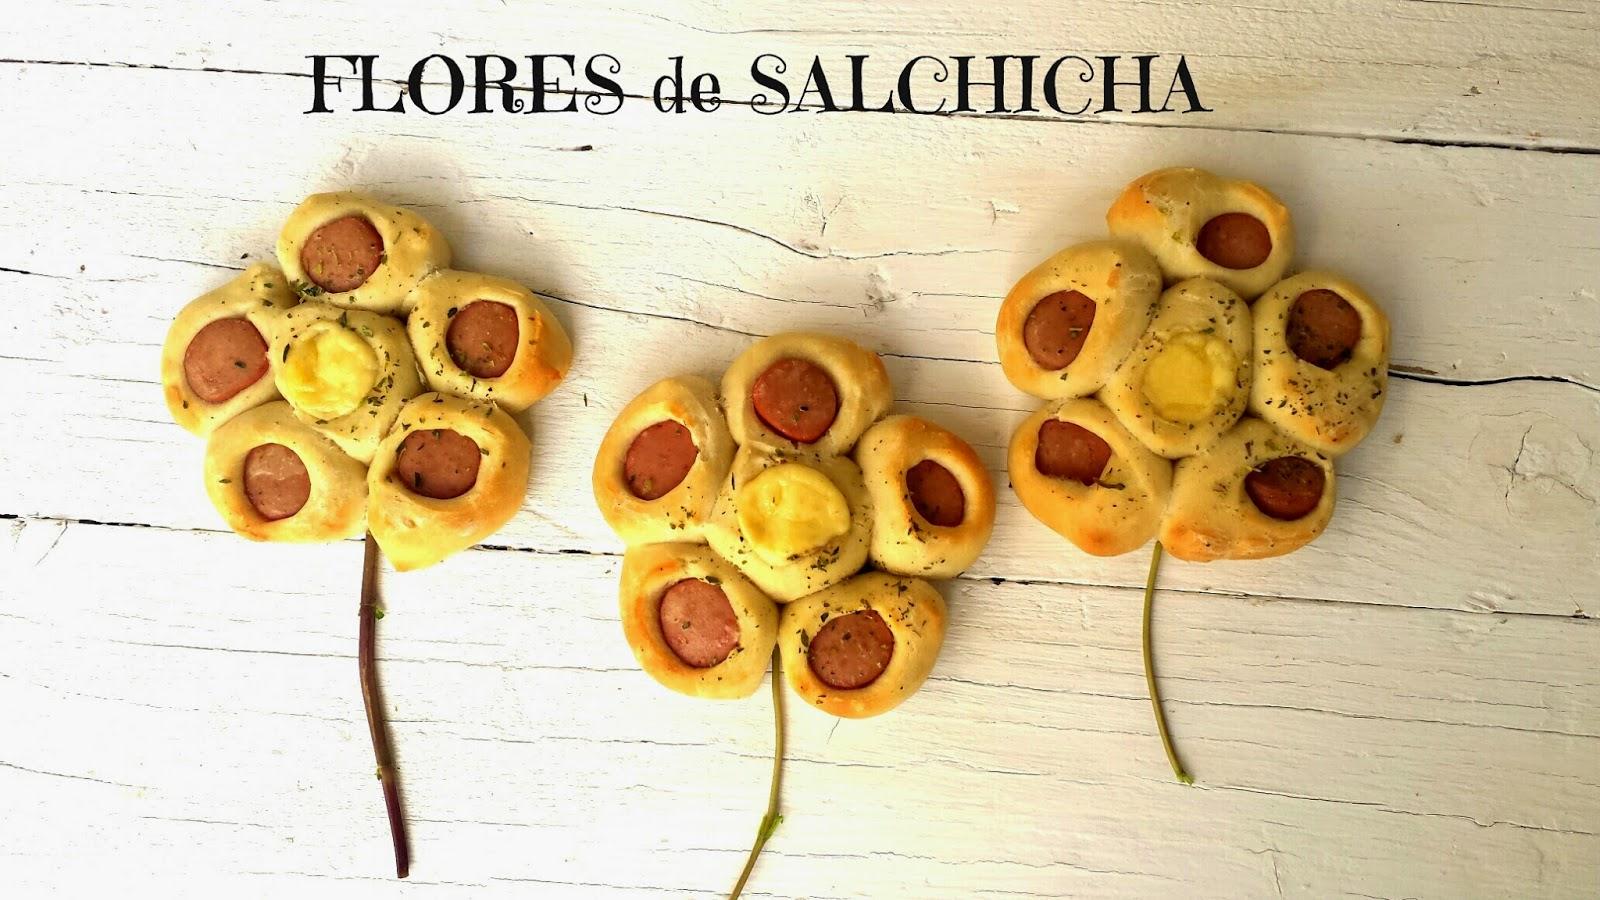 Flores de Salchicha